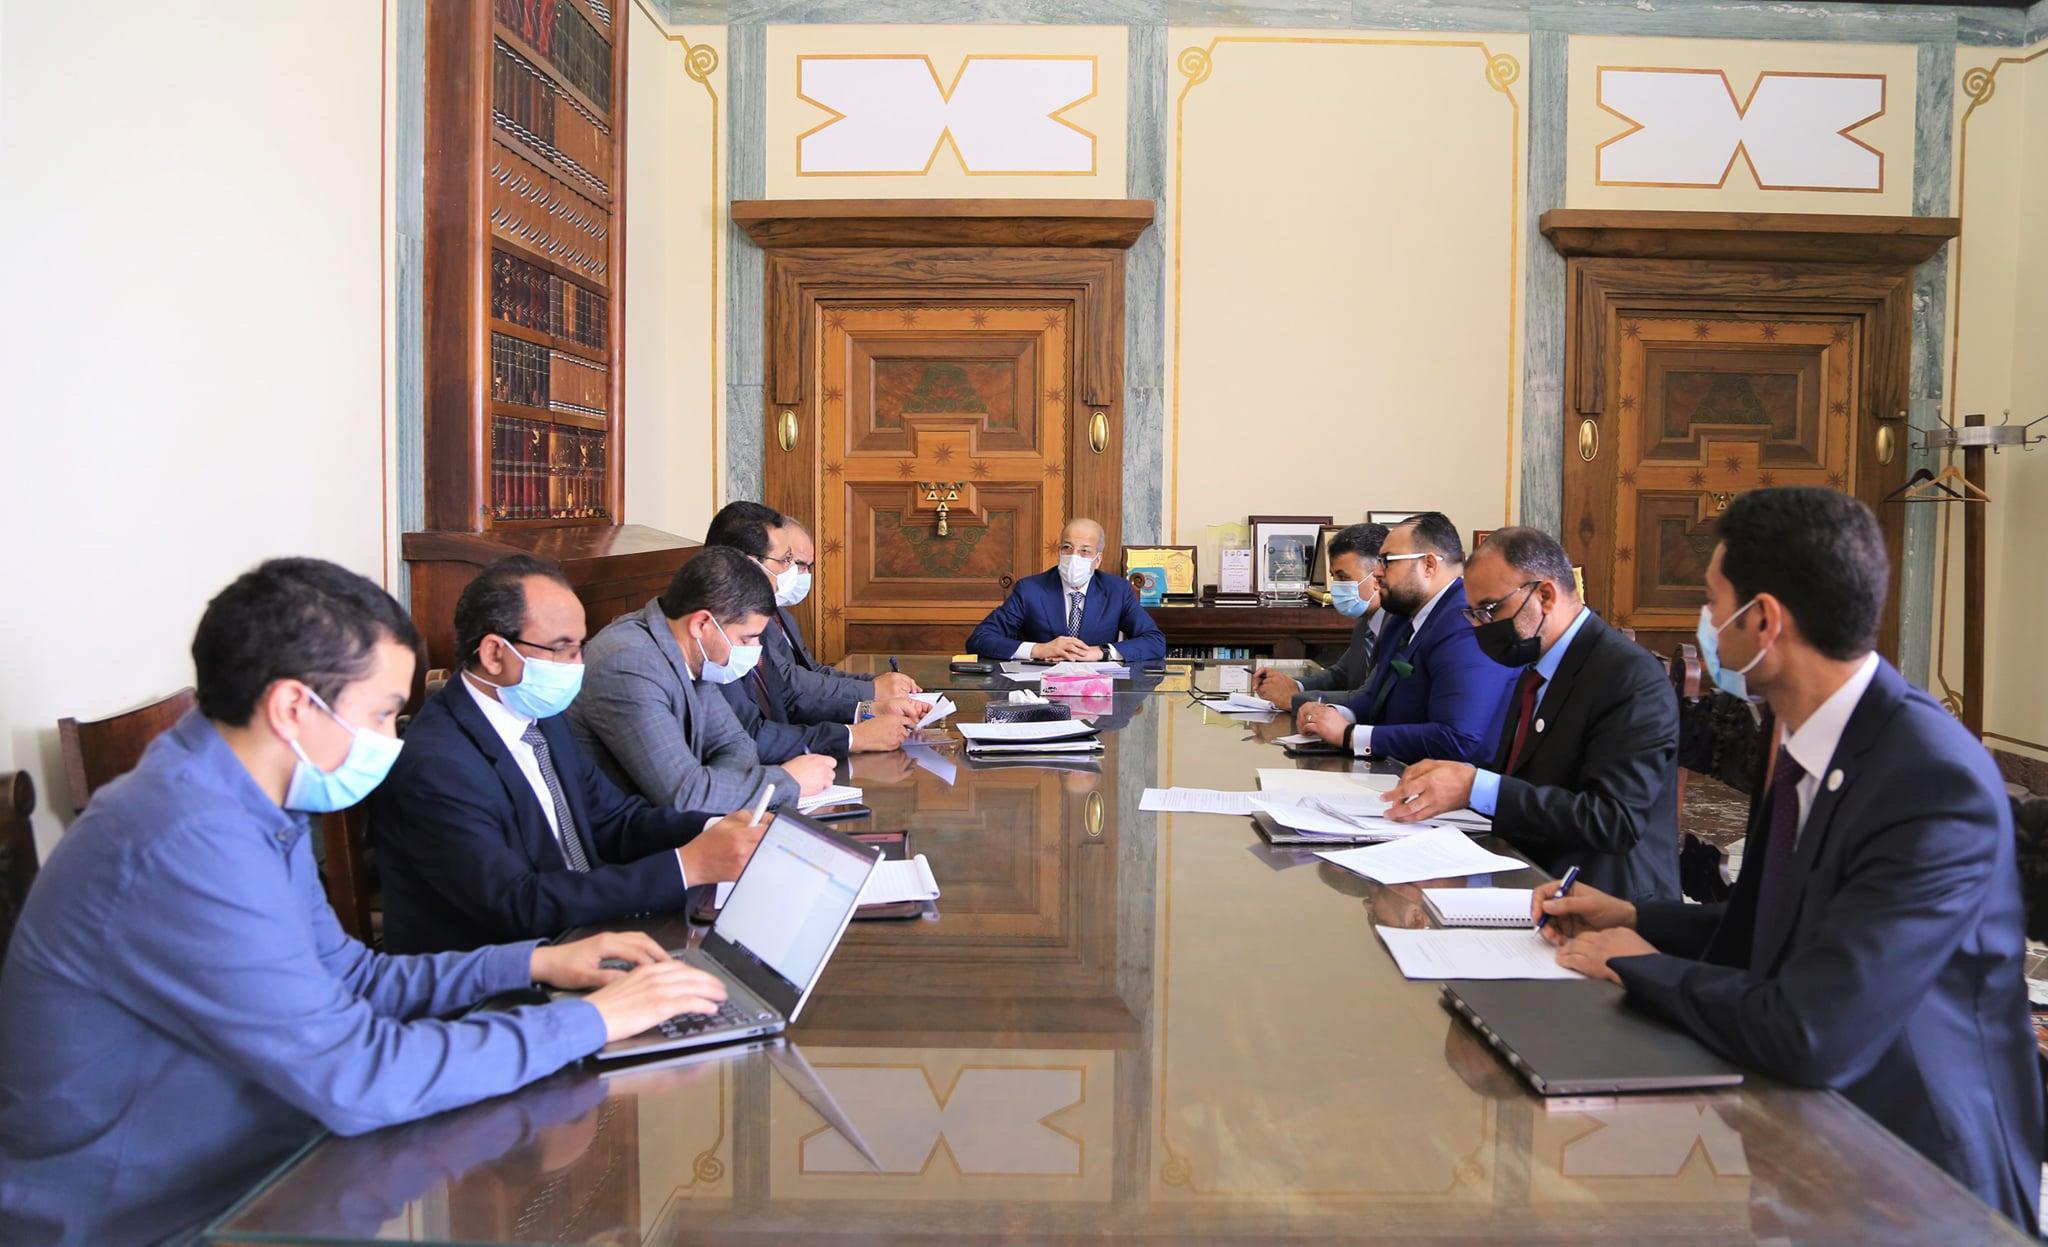 إجتماع مصرف ليبيا المركزي بشأن تطوير خدمات أنظمة الدفع الإلكتروني